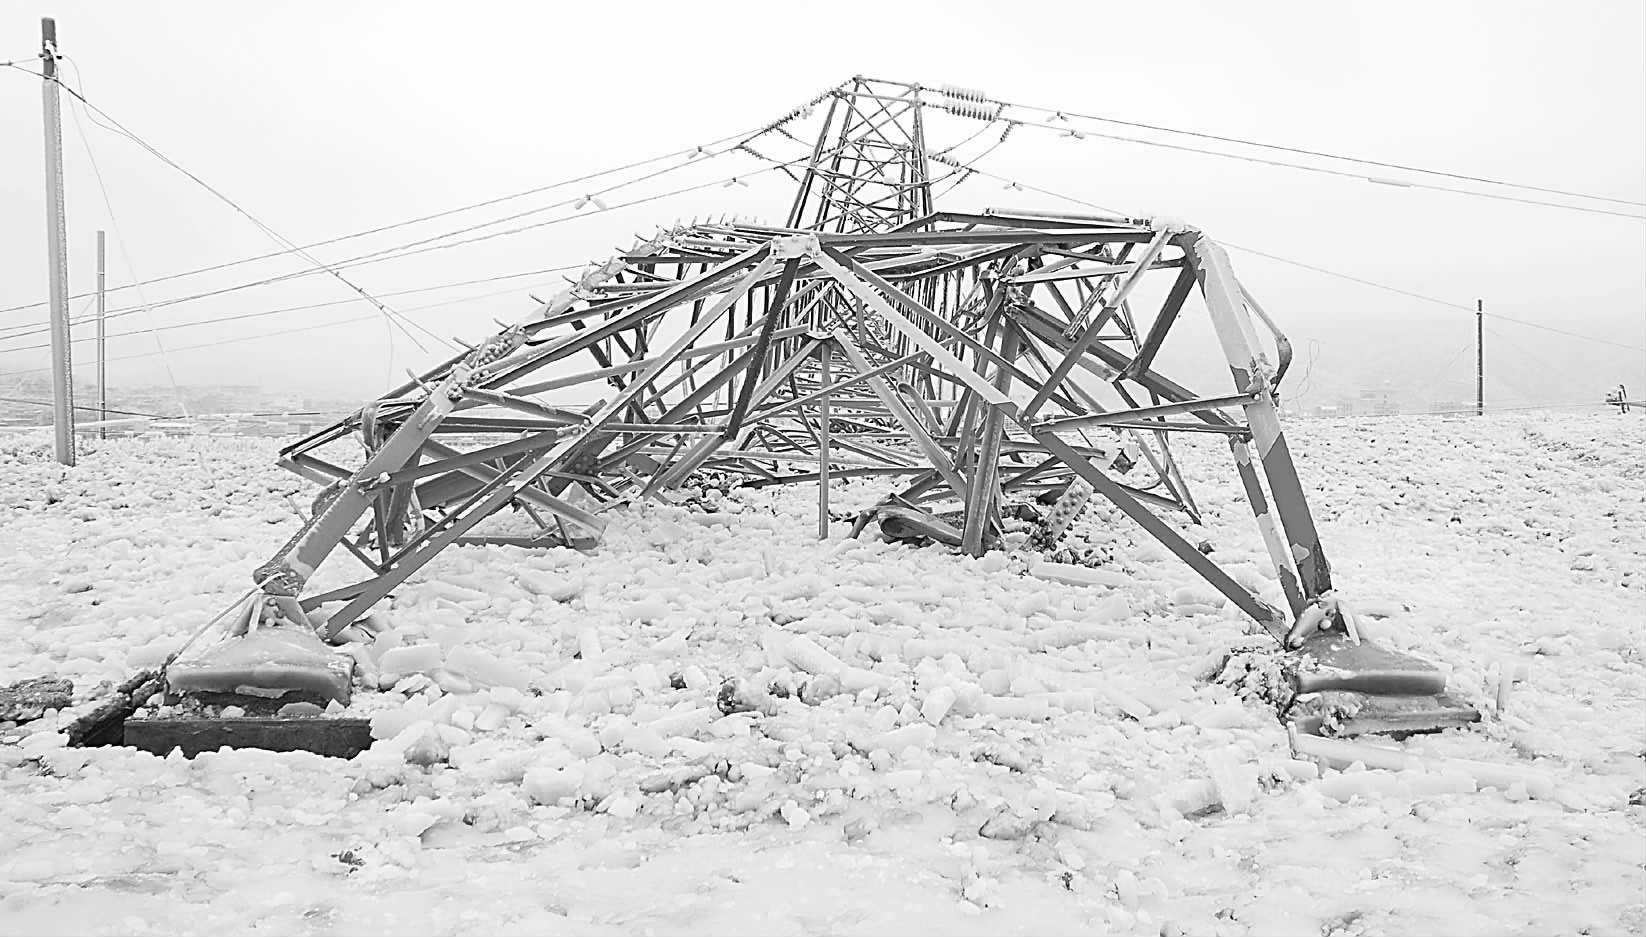 雪灾大范围袭击中东部